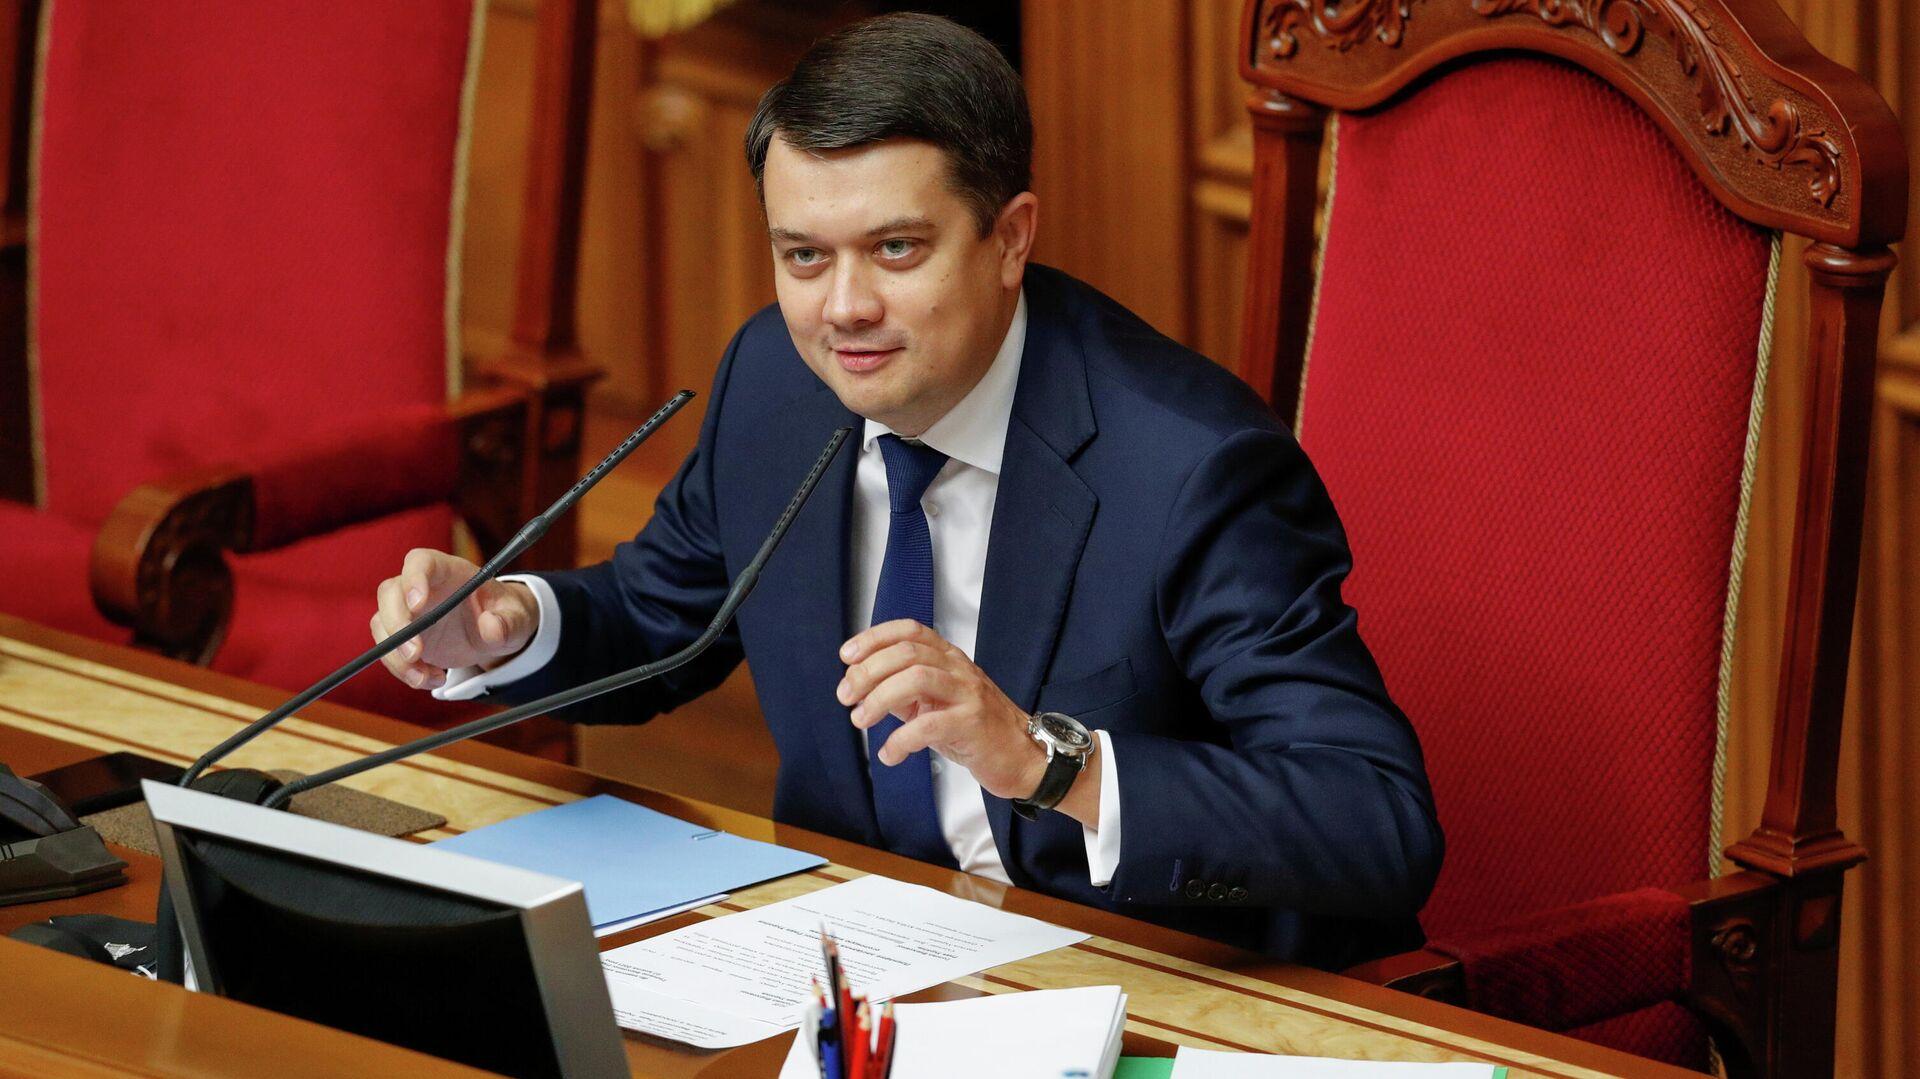 Dmitri Razumkov, presidente de la Rada Suprema (Parlamento) de Ucrania  - Sputnik Mundo, 1920, 07.10.2021